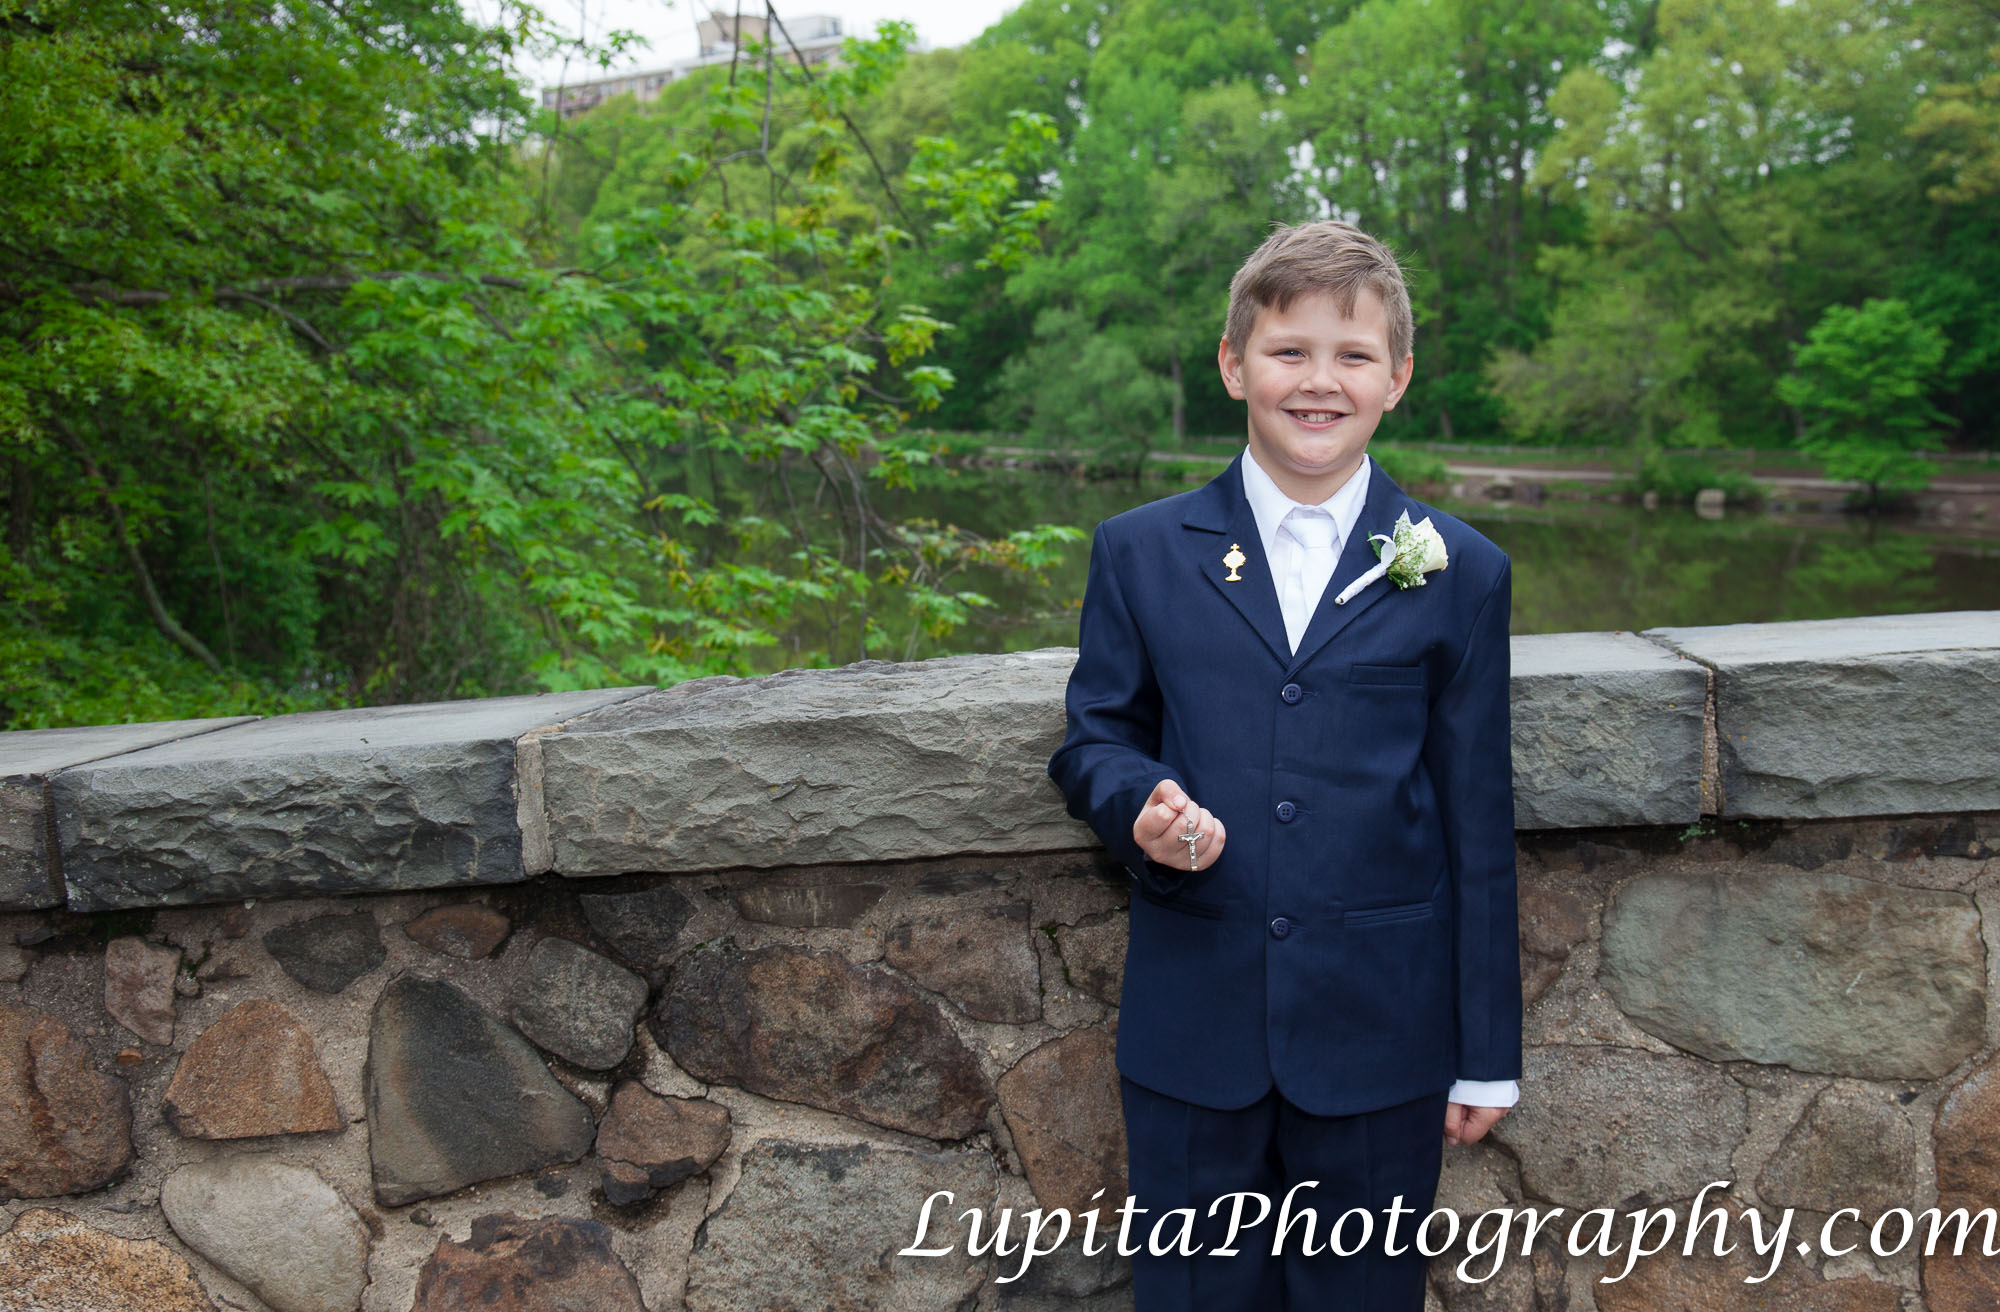 """Jack celebrating his first communion at The Stone House at Clove Lakes in Staten Island, New York City. Jack celebrando su primera comunión en la """"The Stone House"""" en Clove Lakes en Staten Island, Ciudad de Nueva York."""